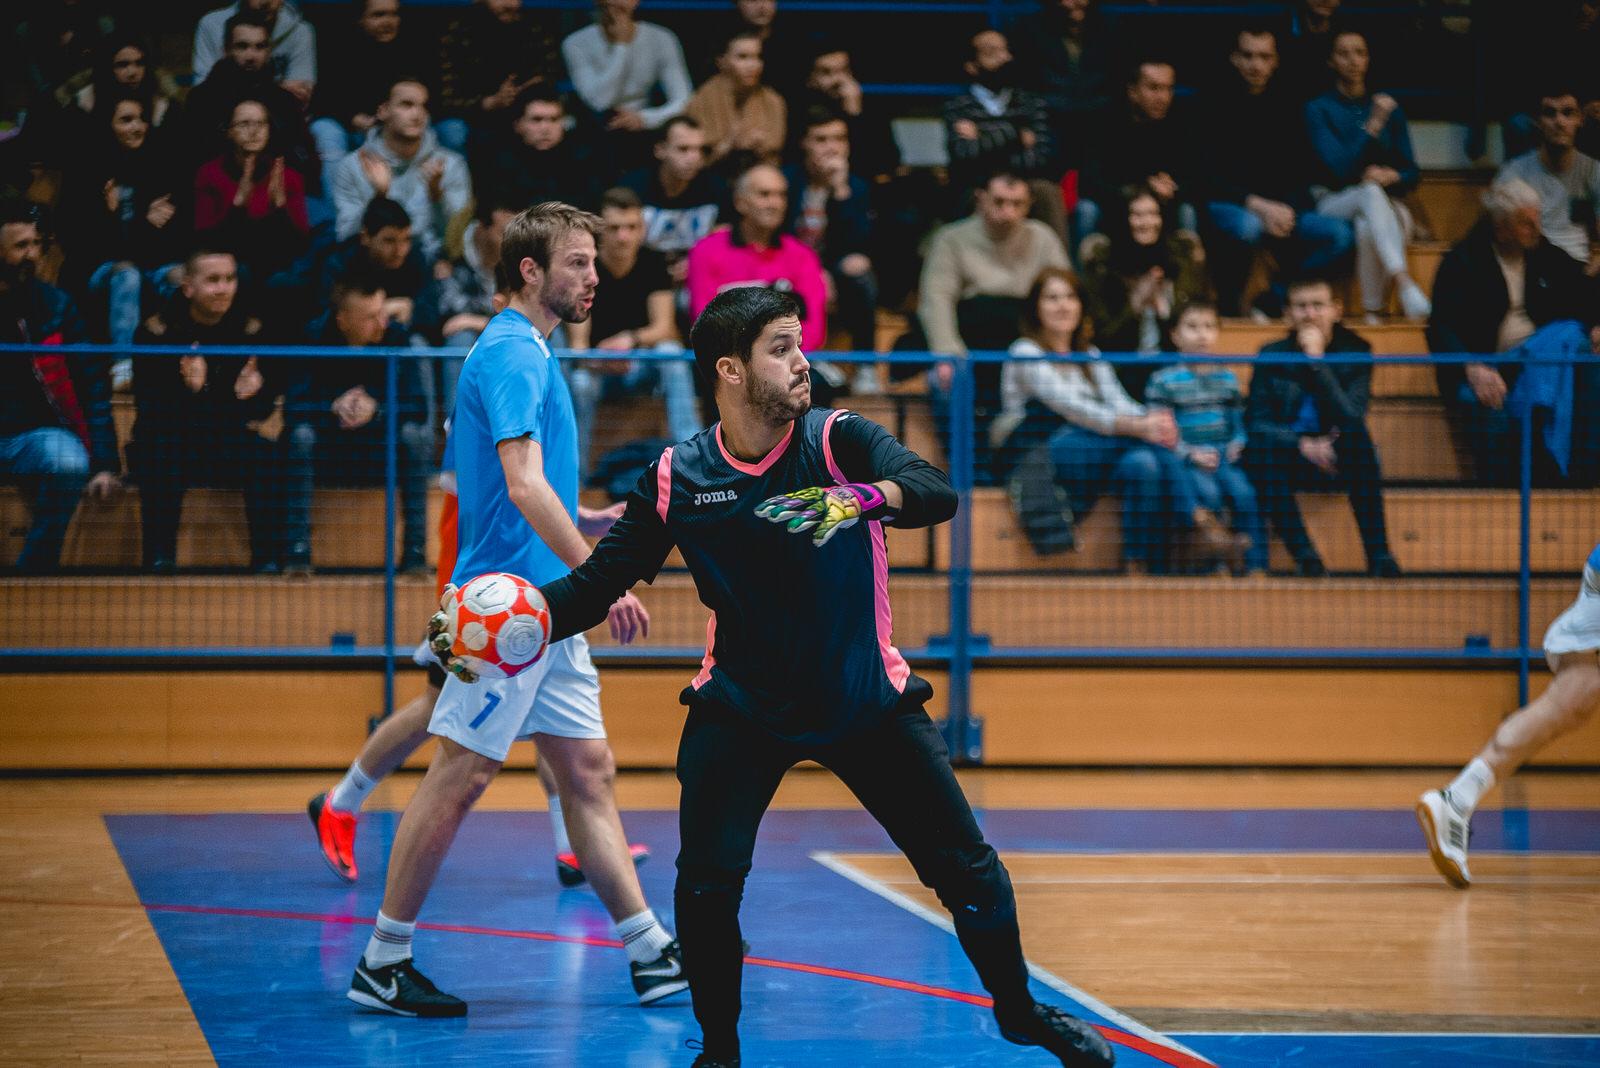 likaclub_gospić_zimski-malonogometni-turnir-2018-19-57